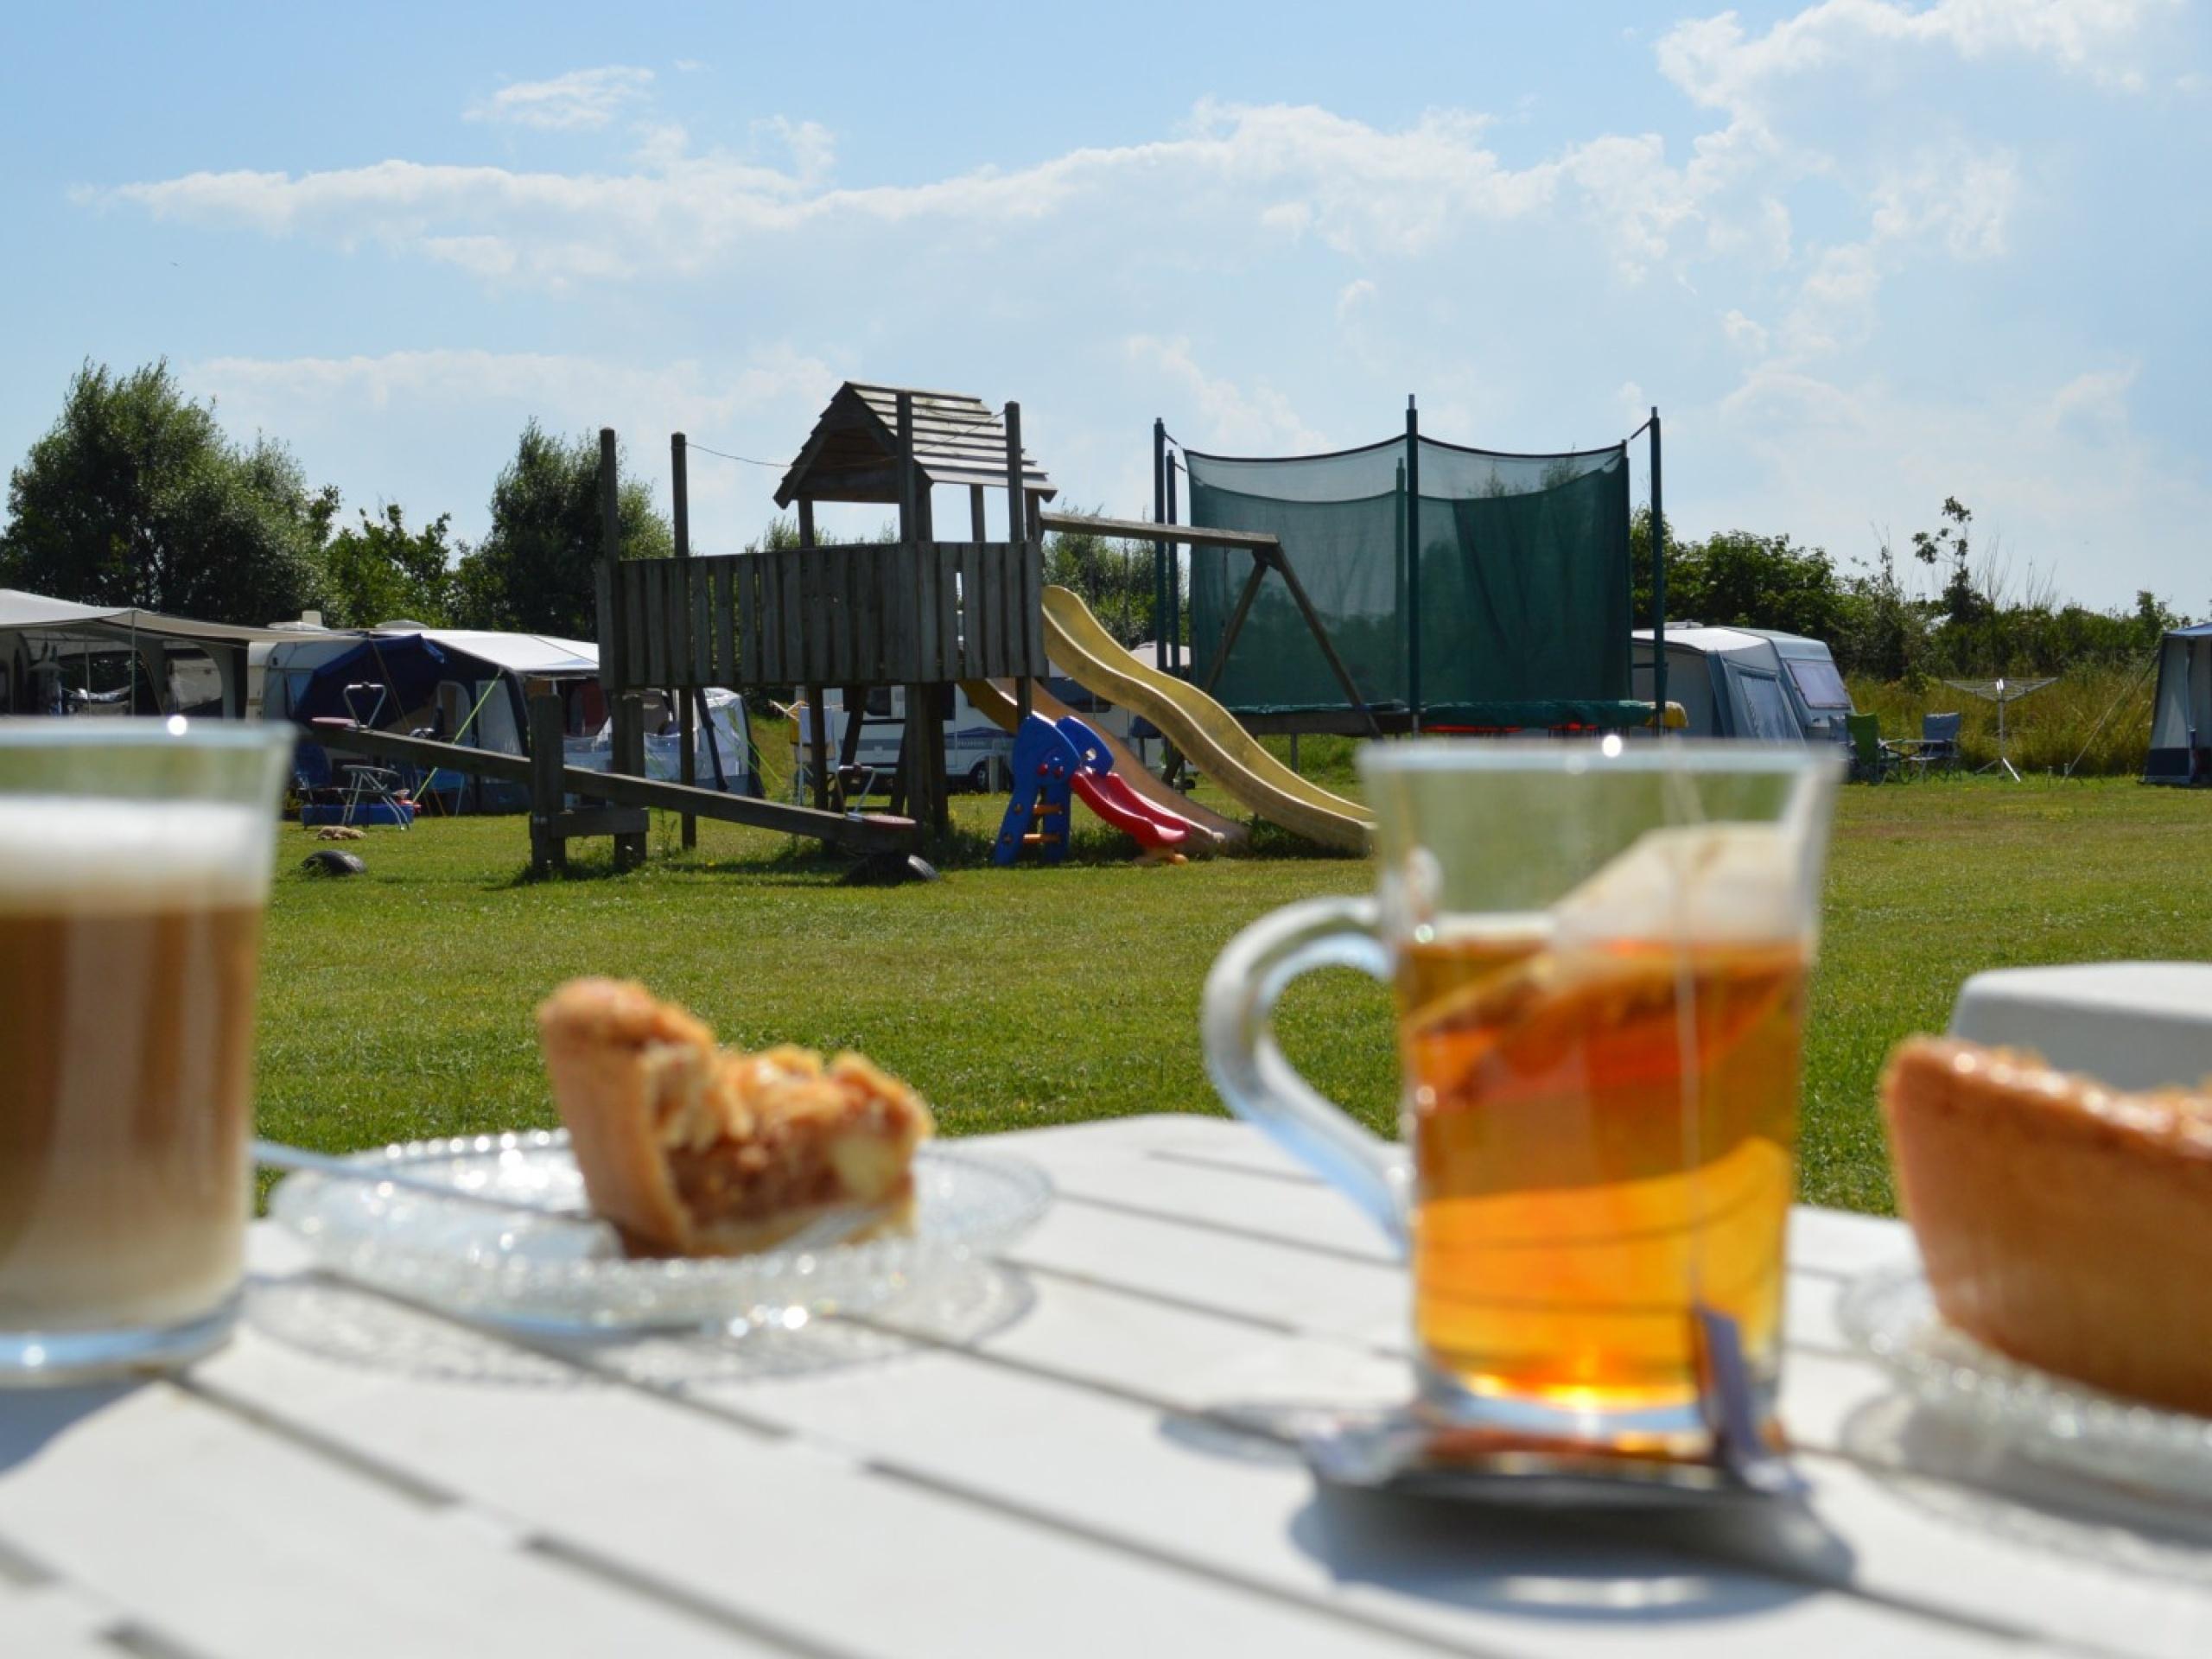 Entspannen und campen an nettem ruhigem Ort bei De Cocksdorp